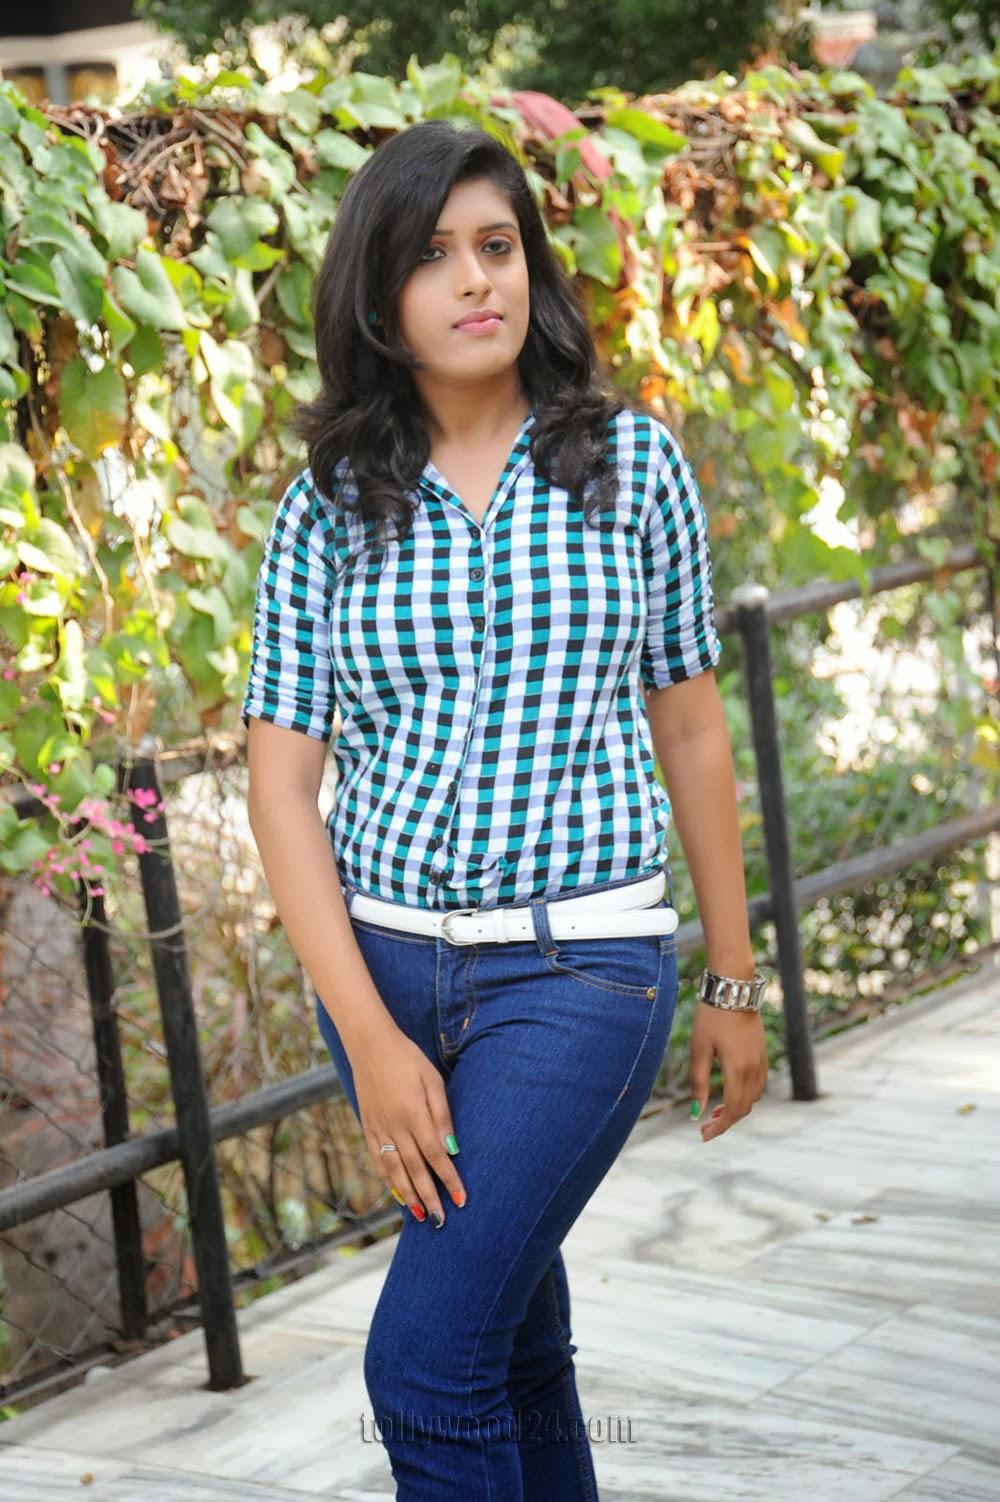 Liza reddy glam pix in jeans-HQ-Photo-7